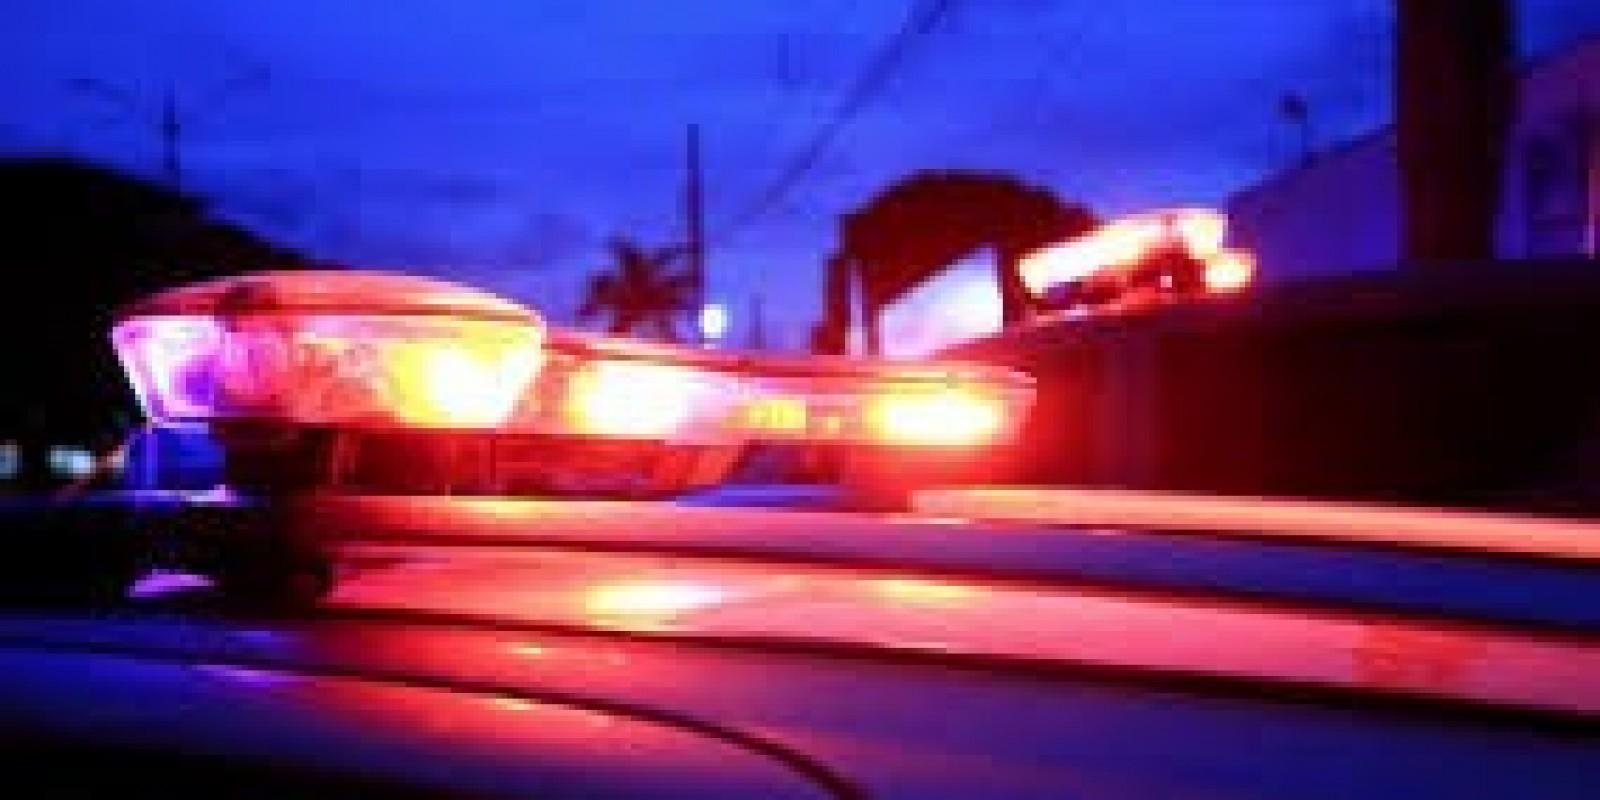 Motorista atropela mulher e foge sem prestar socorro em Braço do Norte